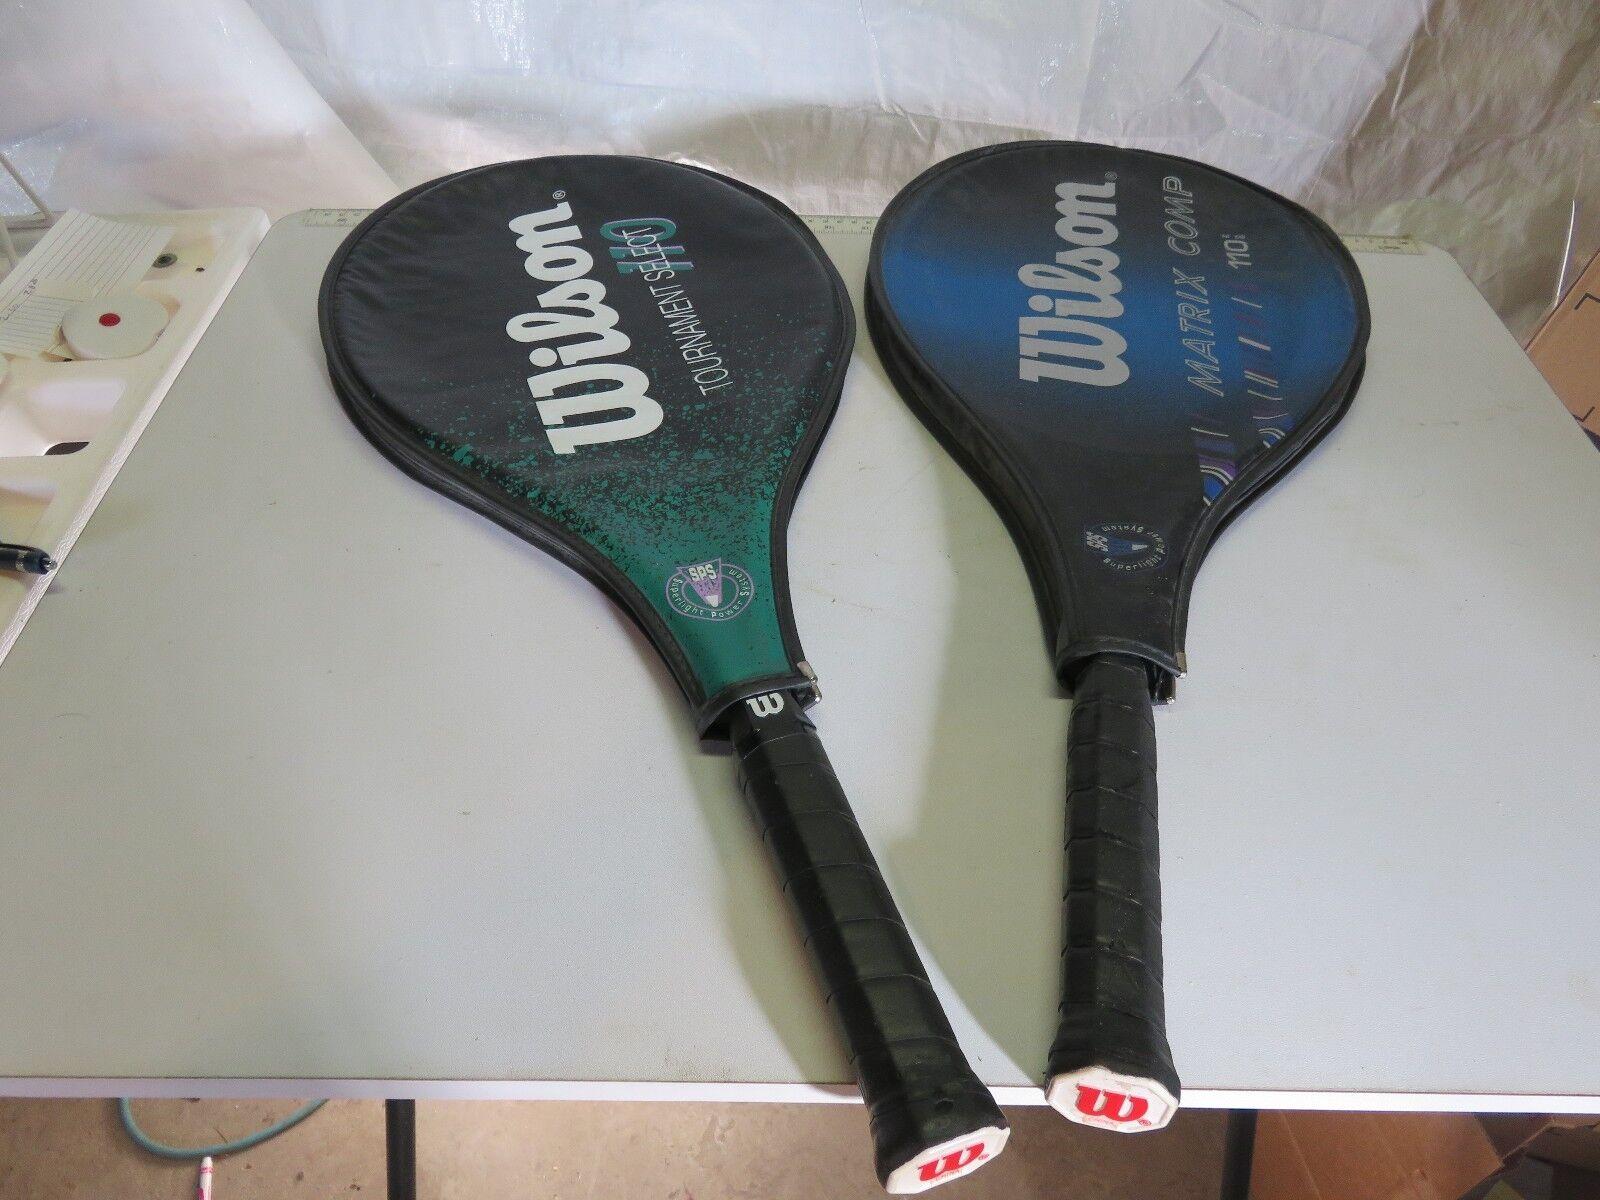 2- Wilson tennis racquets tournament select 110 L3 green & matrix comp 110 L2